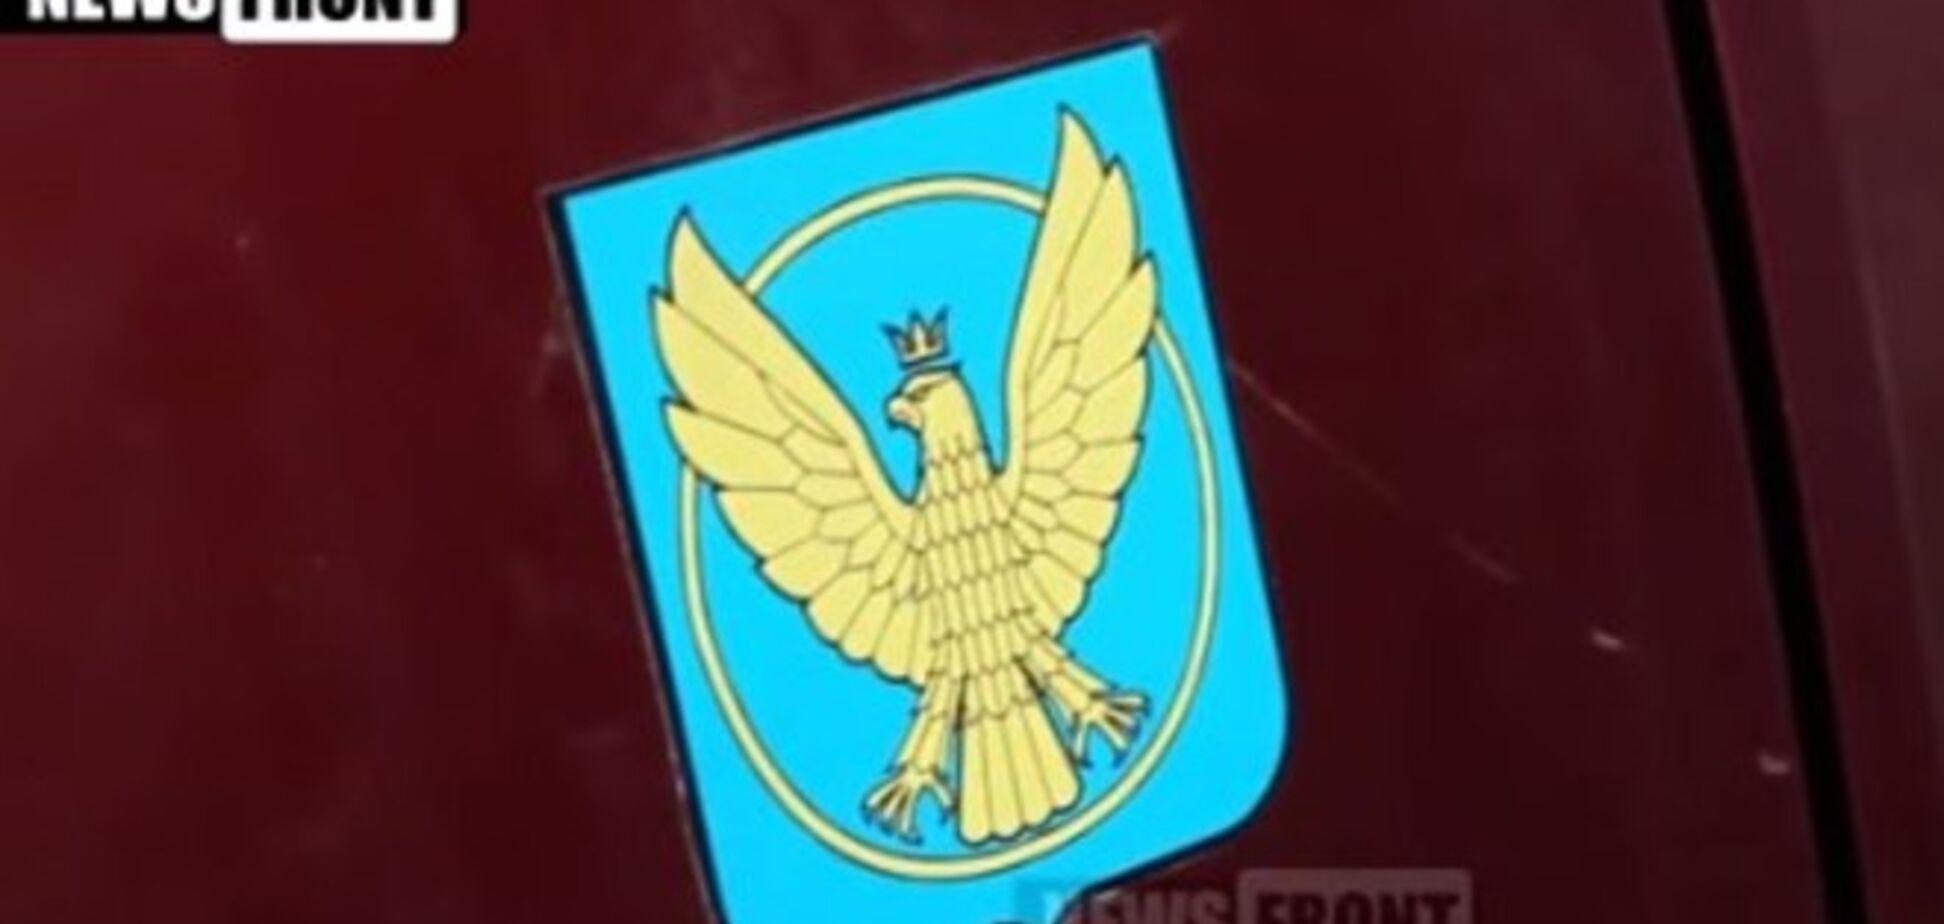 Боевики перепутали герб Коломыи с польским: видео неудавшегося разоблачения 'наемников из Польши'